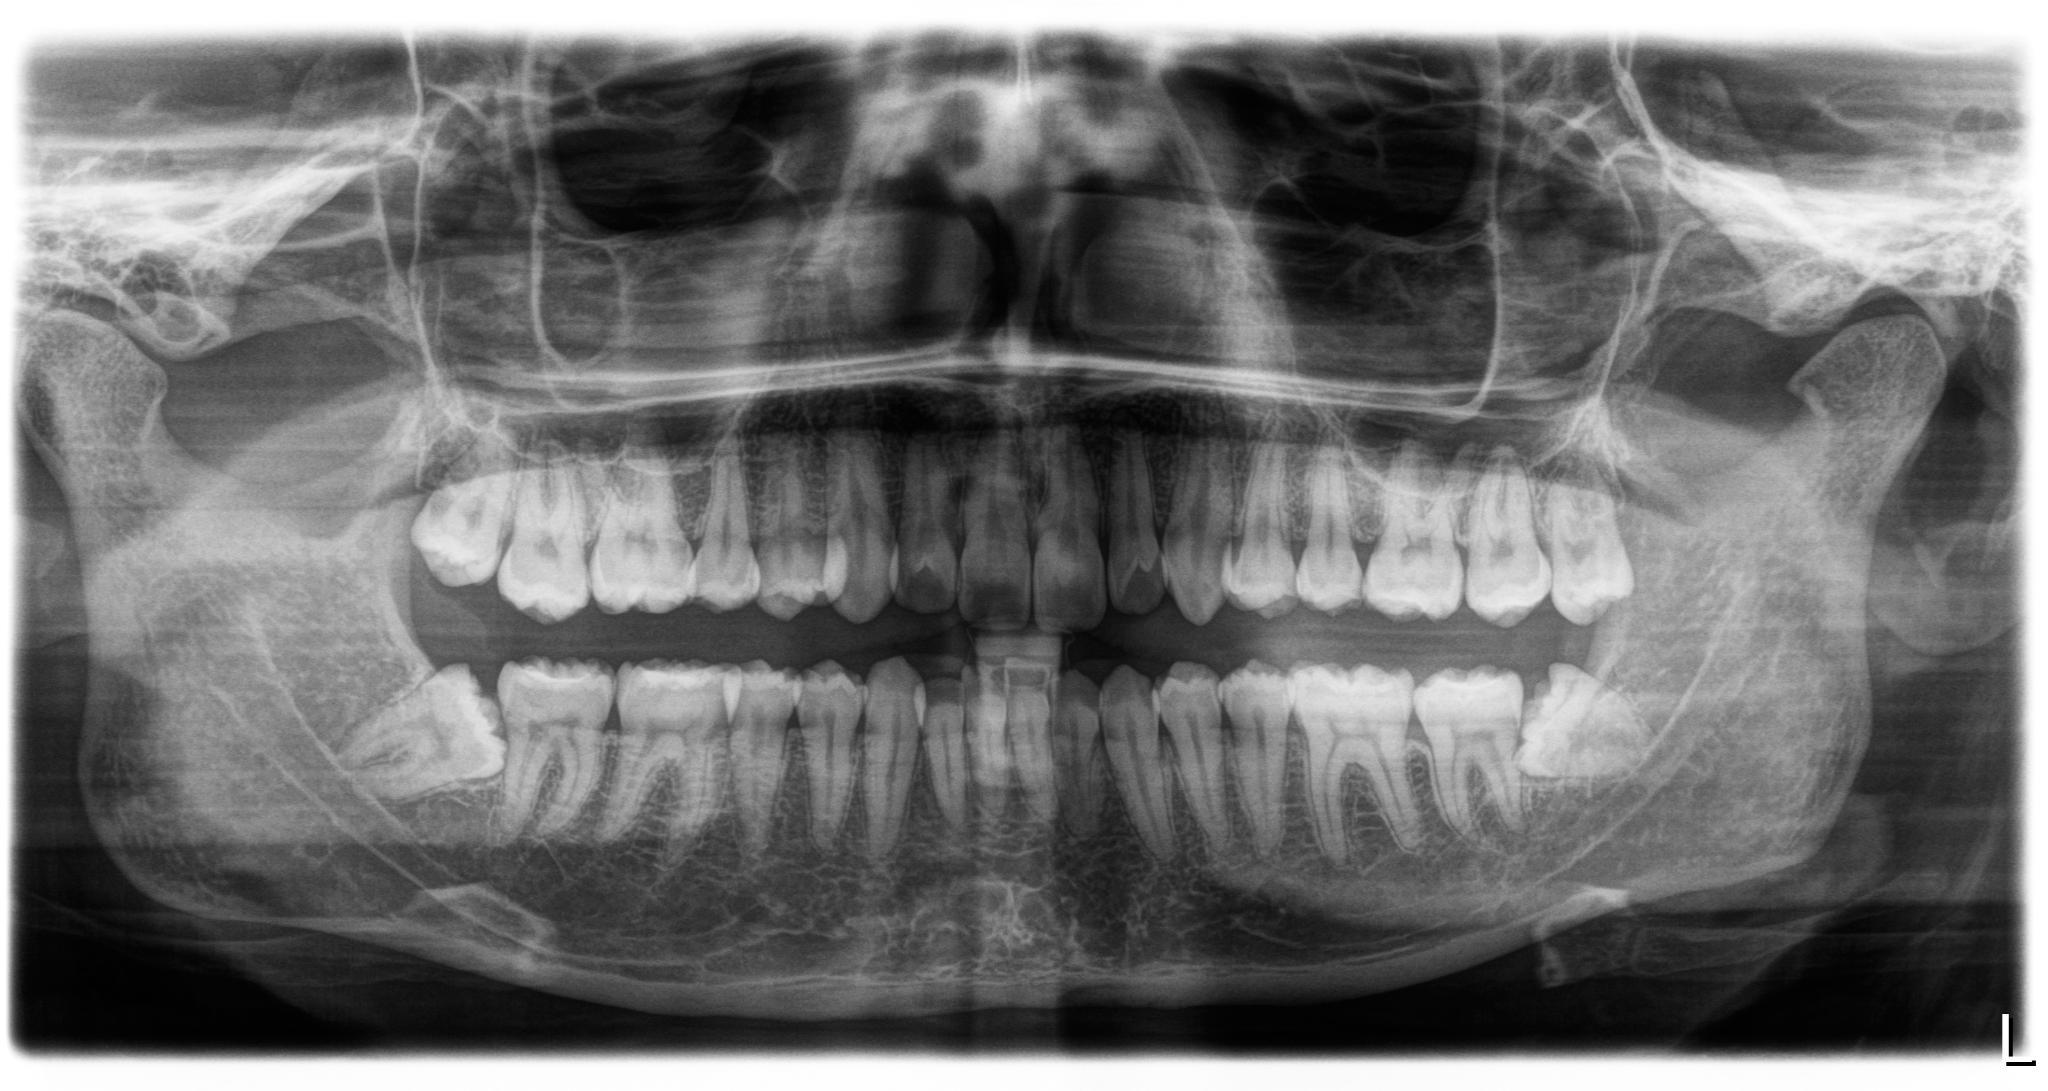 Secondo voi i denti del giudizio devo estrarli?